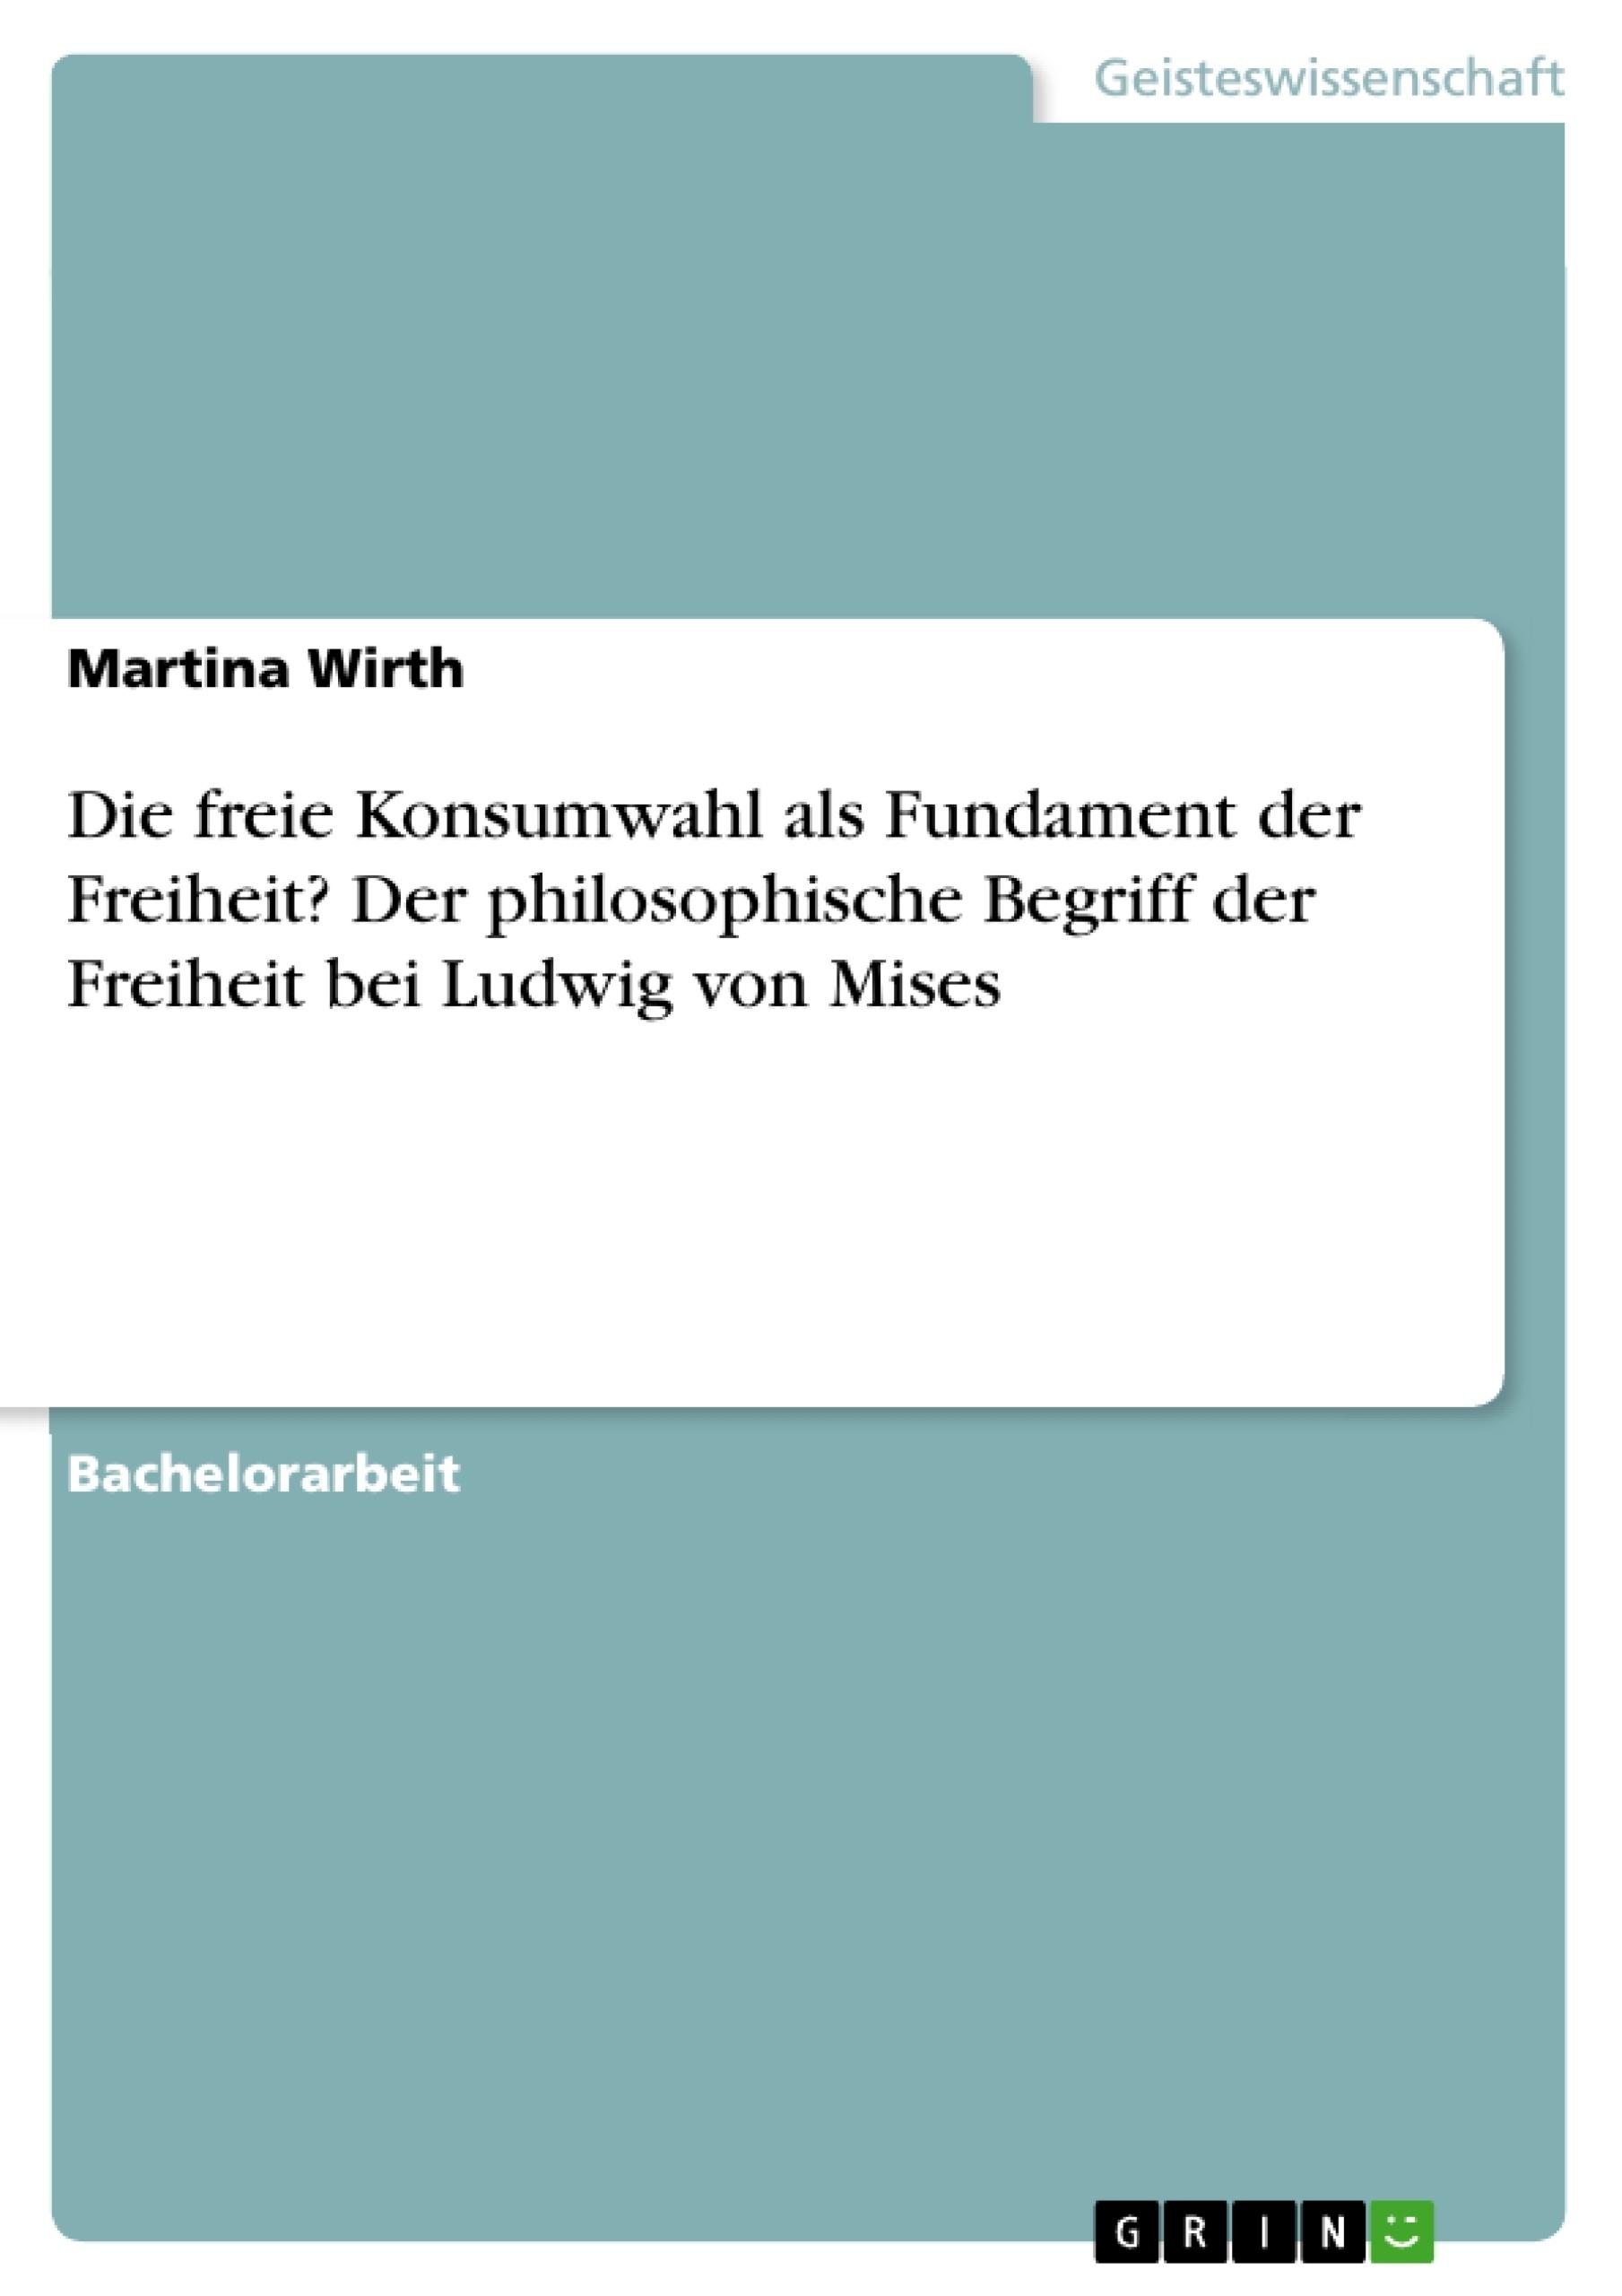 Titel: Die freie Konsumwahl als Fundament der Freiheit? Der philosophische Begriff der Freiheit bei Ludwig von Mises